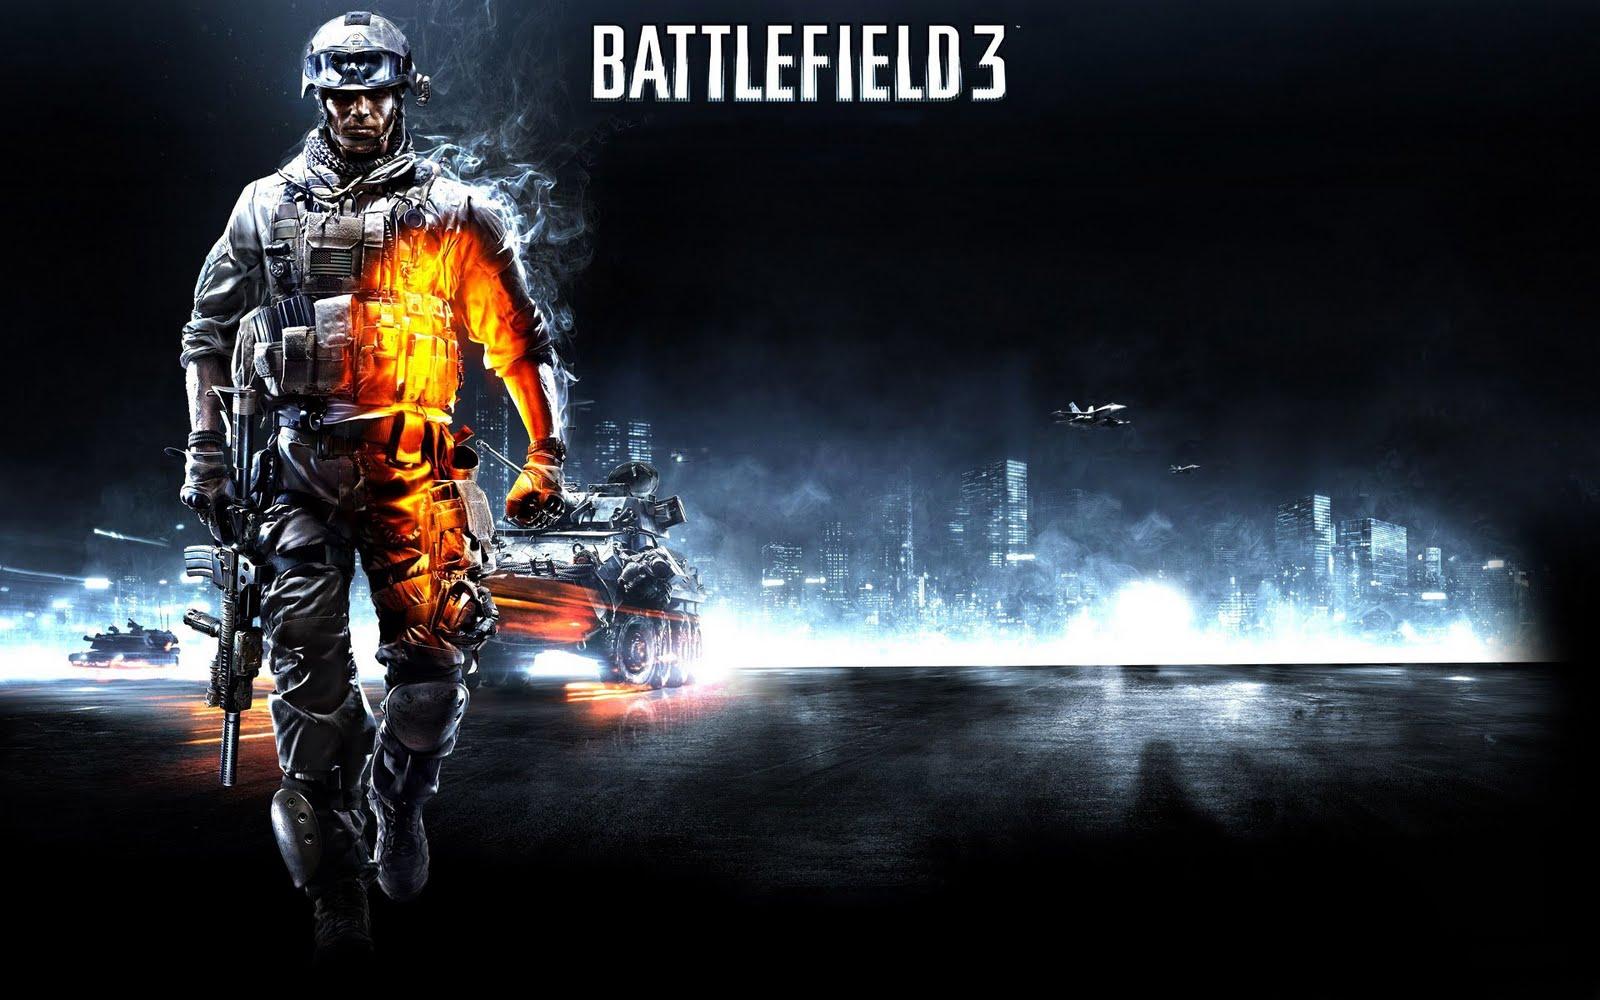 http://3.bp.blogspot.com/-P5OSmRKh2Ps/TqfWZ7M-1VI/AAAAAAAAFSQ/gMAn88VUn9w/s1600/battlefield3-304087.jpeg